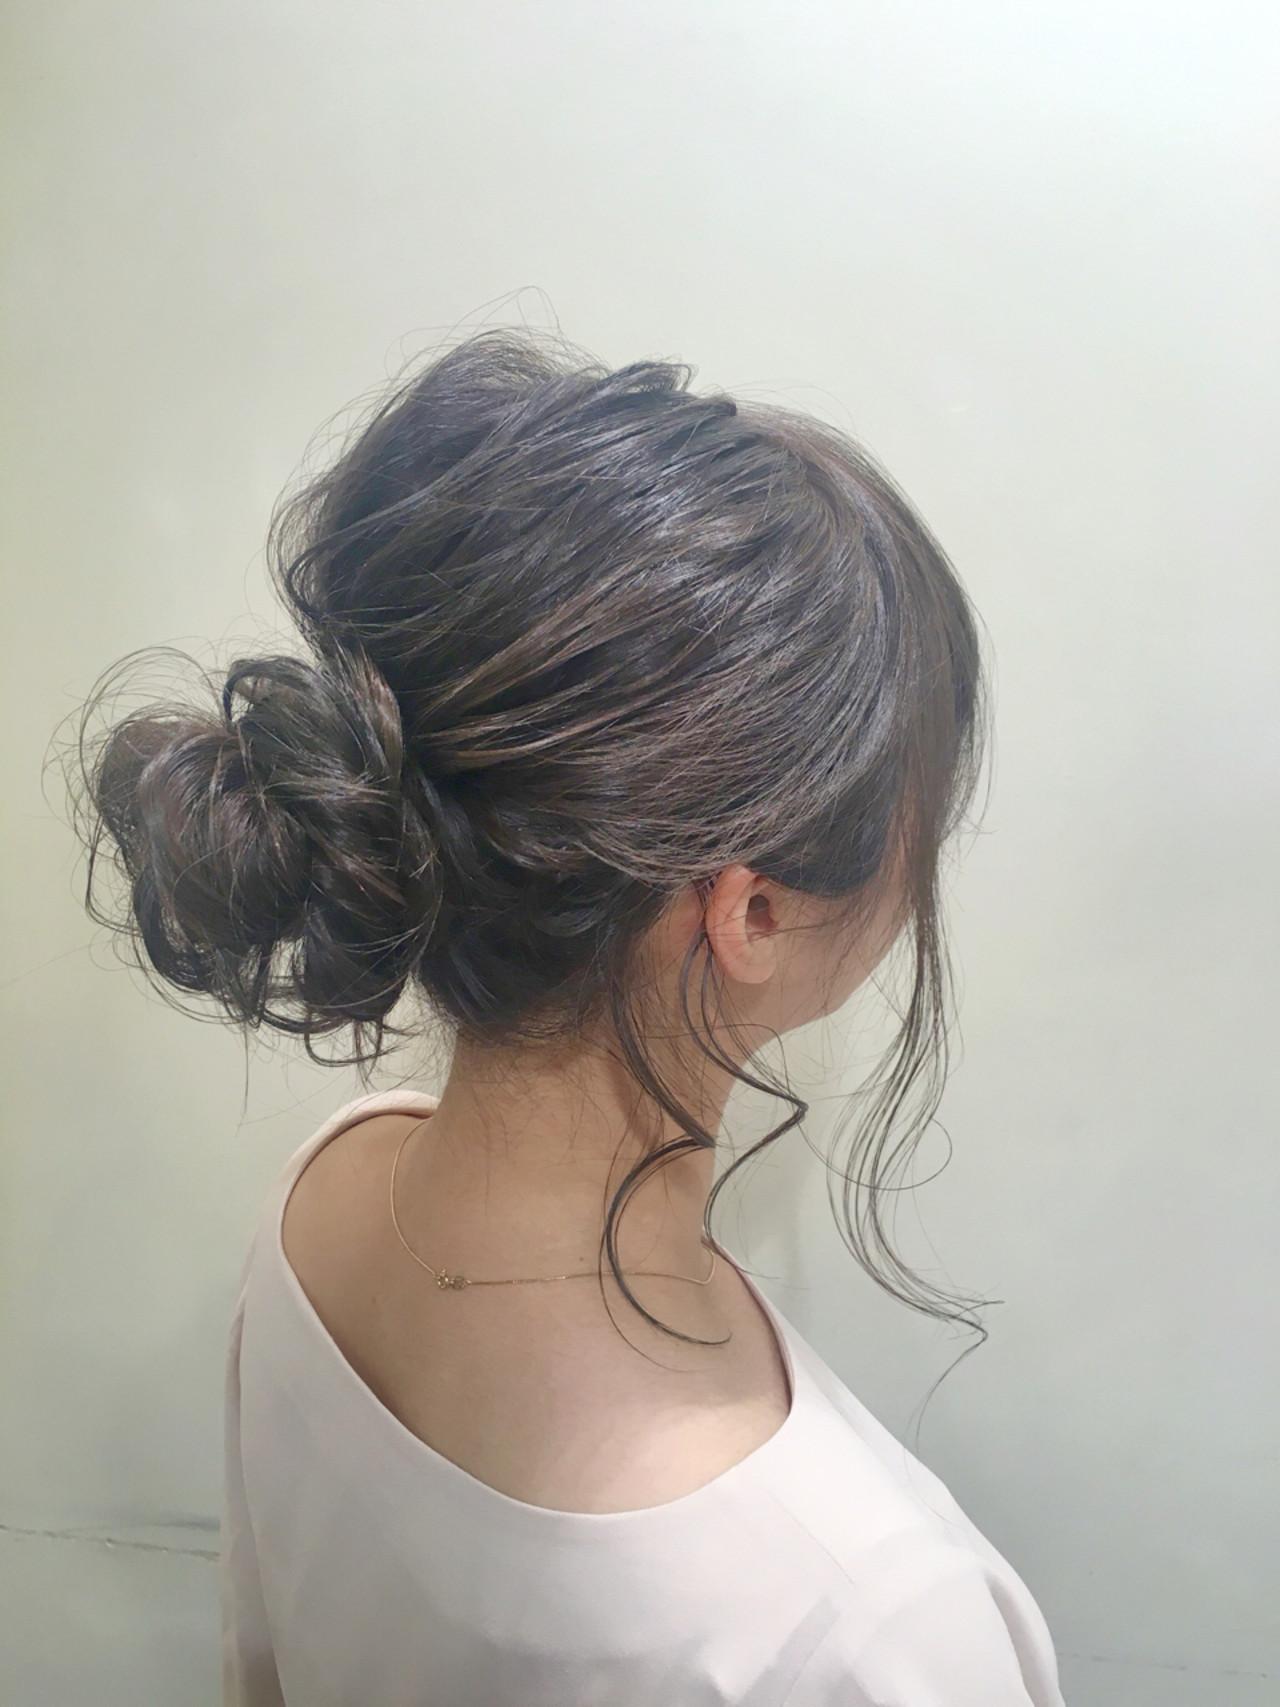 ヘアアレンジ ボブ お団子 簡単 ヘアスタイルや髪型の写真・画像 | 佐伯 優 / e.m.a ASSORT